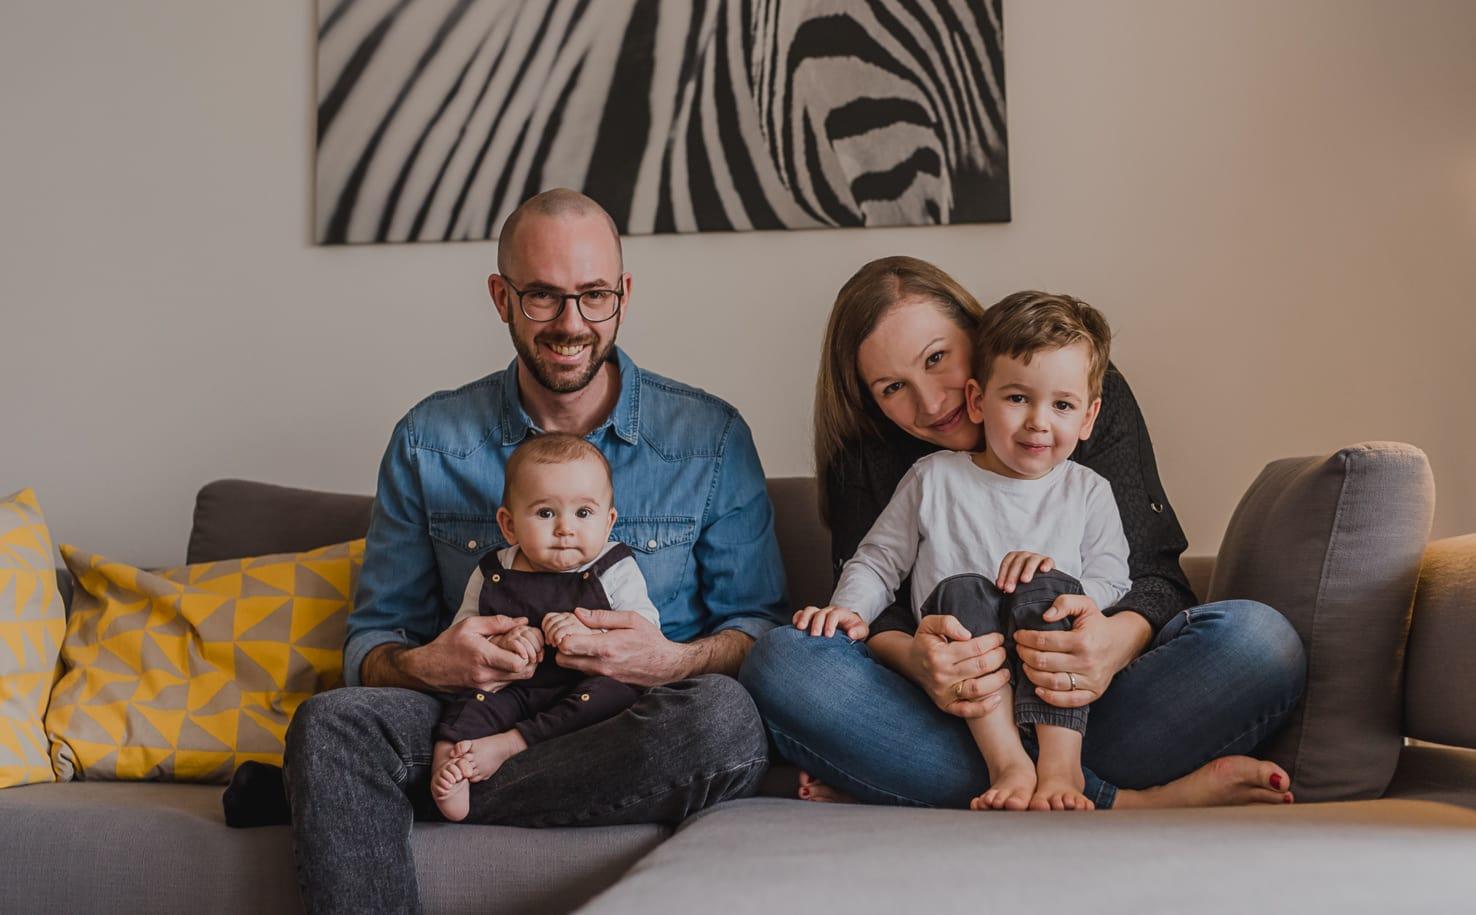 Familienshooting zu Hause: Homestory im Winter mit 2 Kids in München